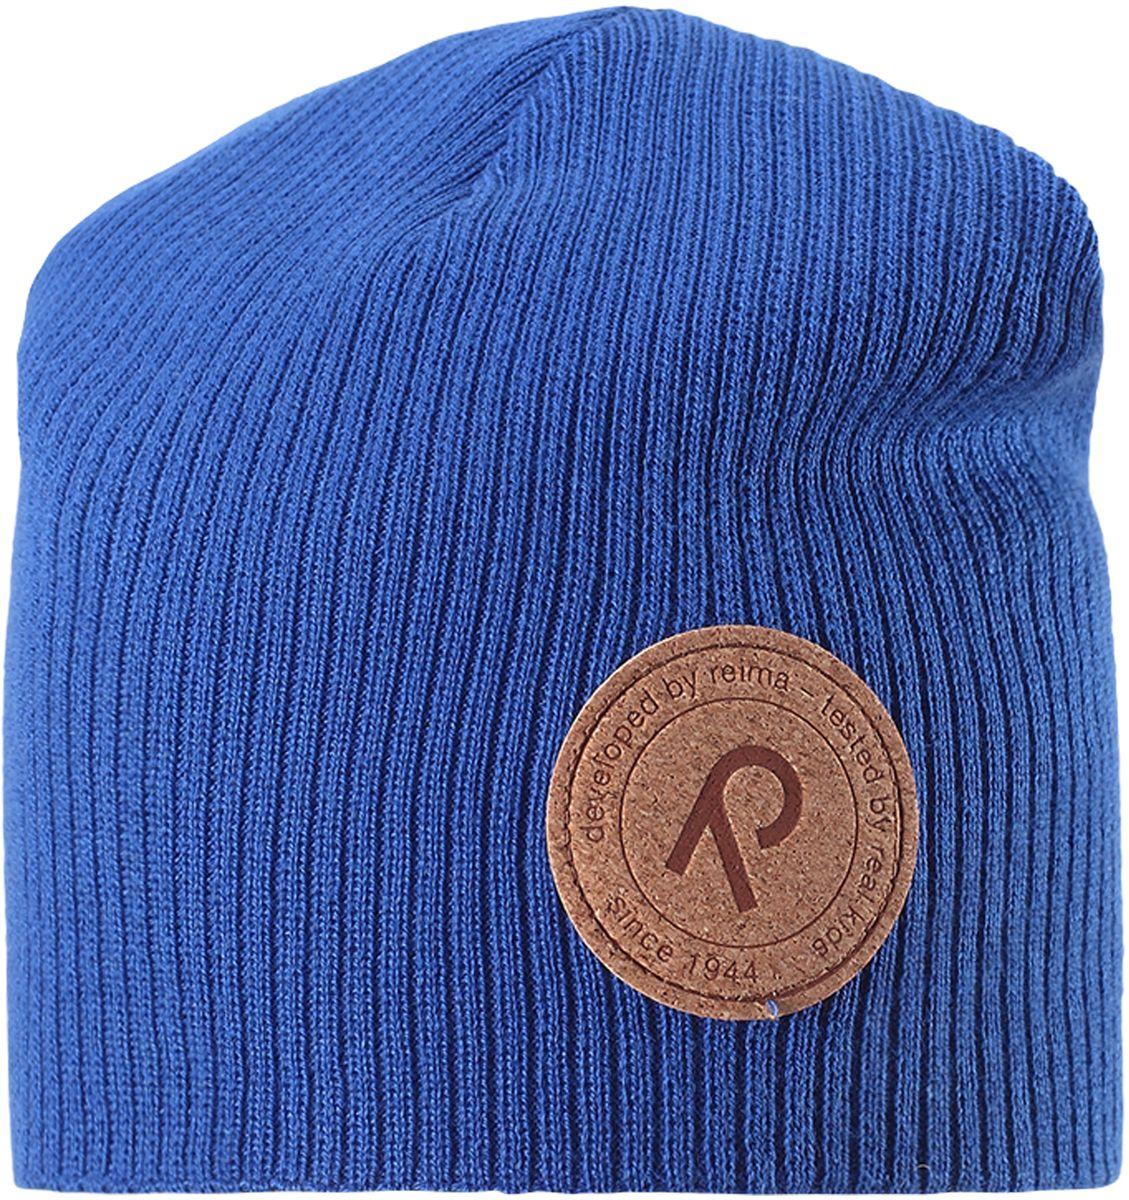 Шапка детская Reima Majakka, цвет: синий. 5285266530. Размер 54 шапка детская reima datoline цвет розовый 5285103360 размер 54